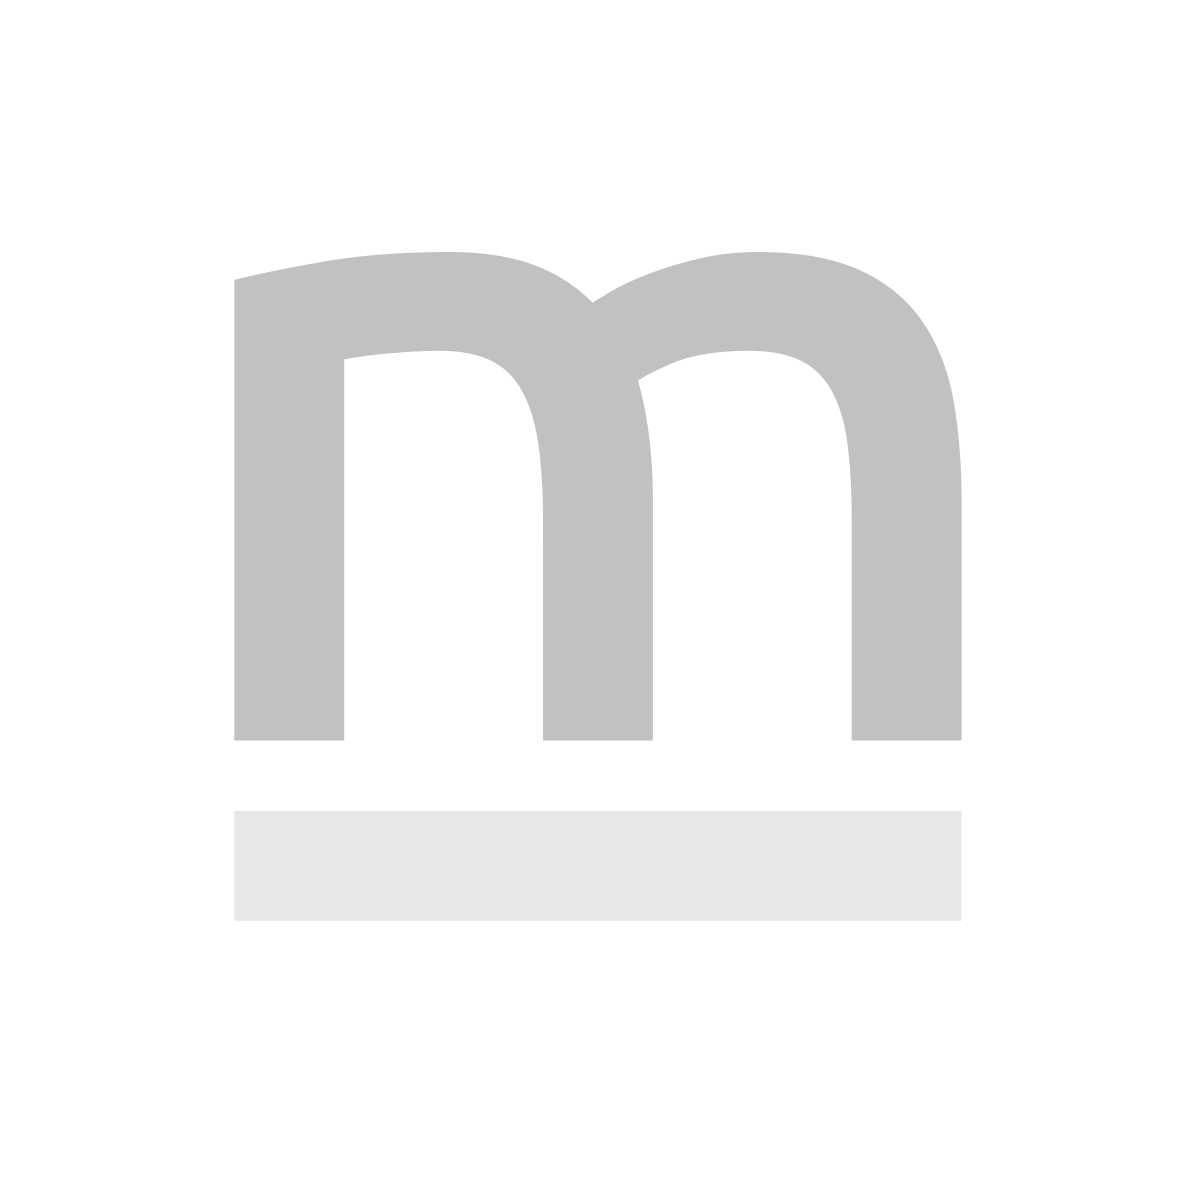 Łóżko LIGHT 3D 160x70 niebieskie samochód